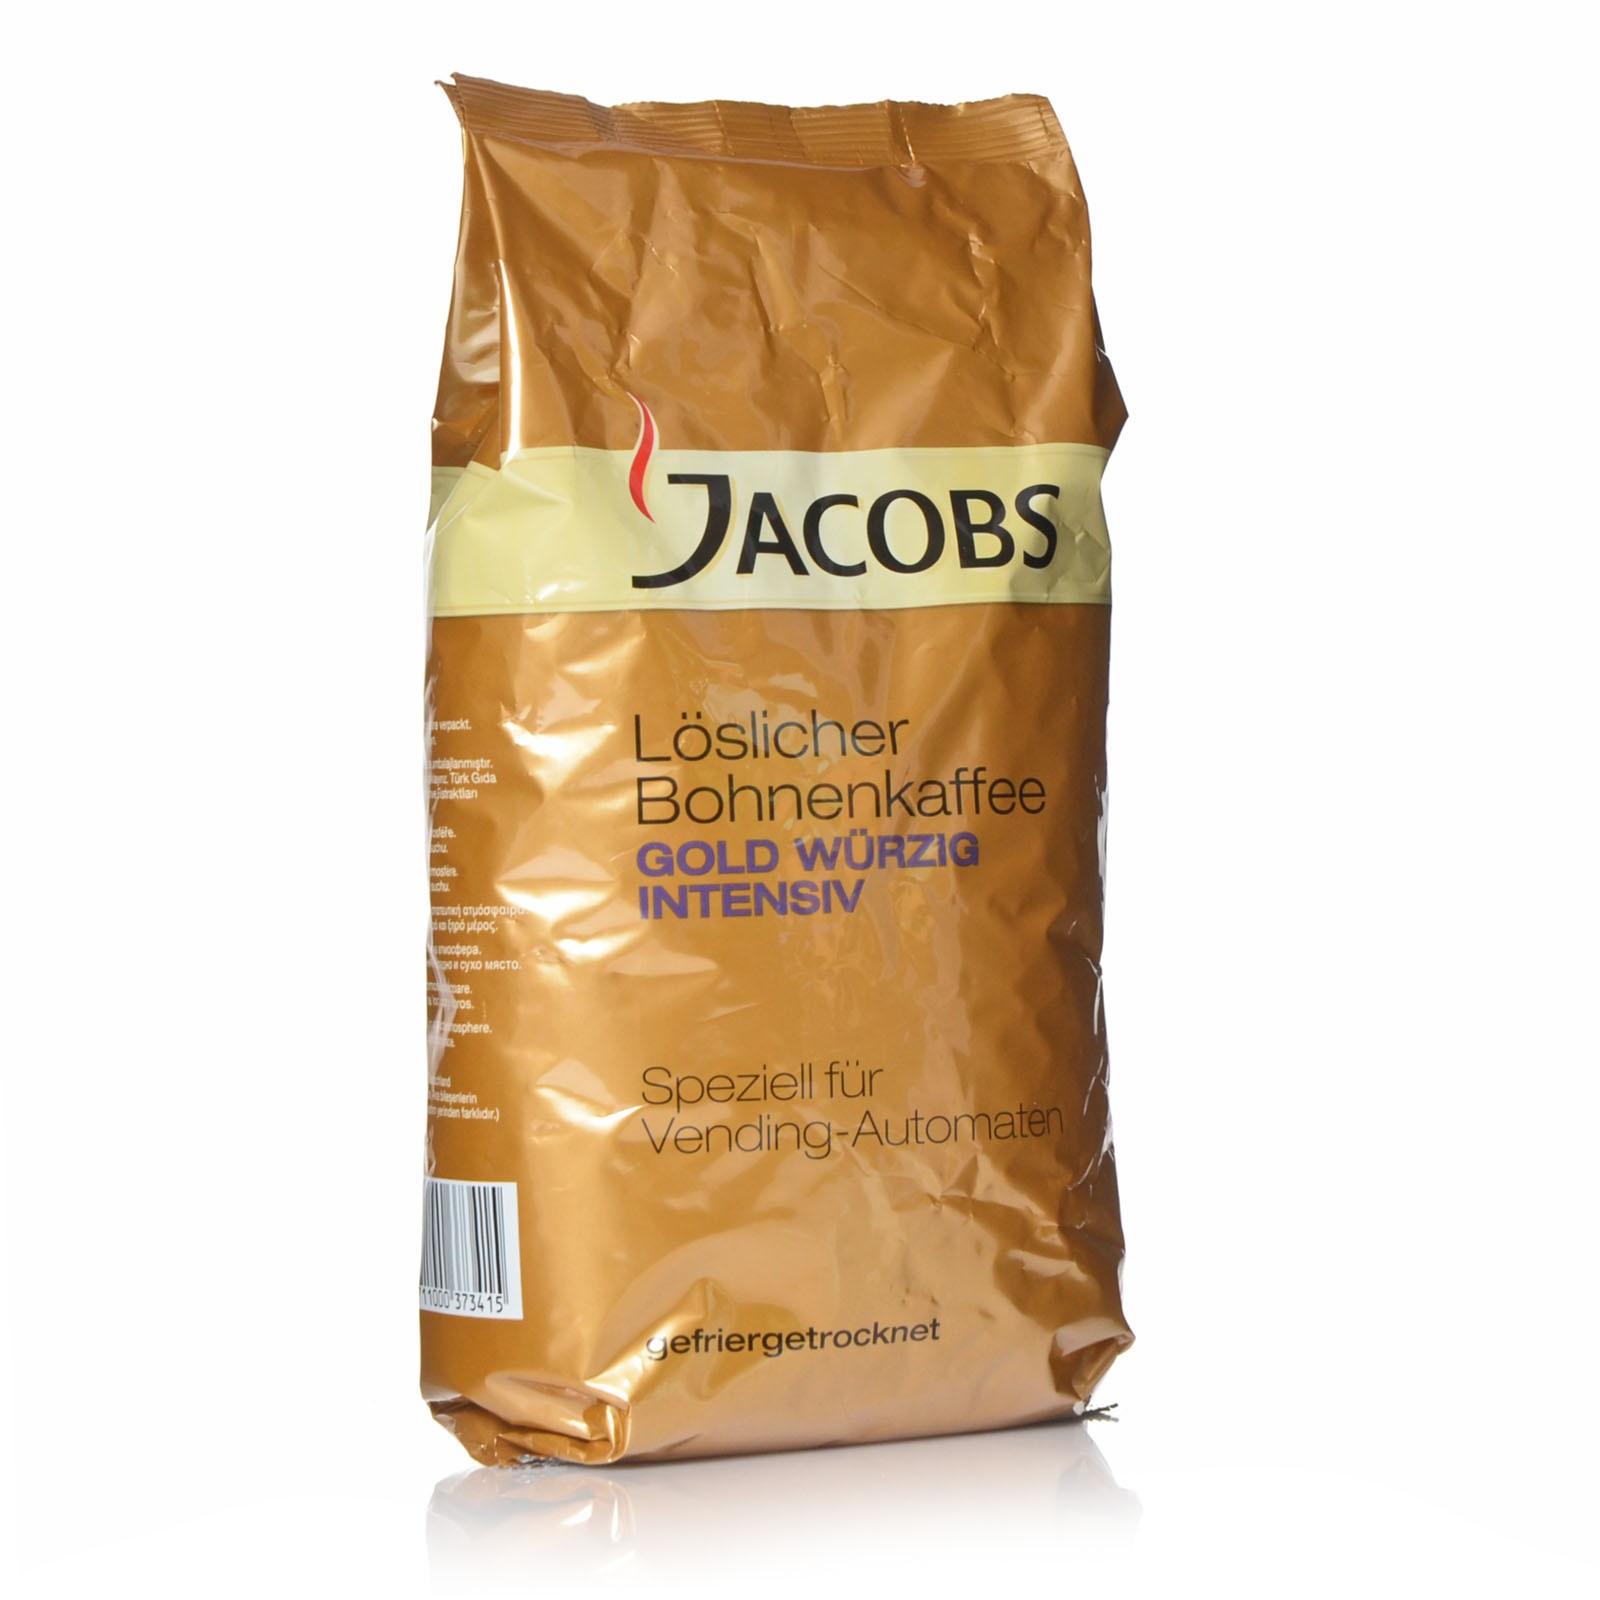 Jacobs Cronat Würzig Instant 500g Löslicher Bohnenkaffee